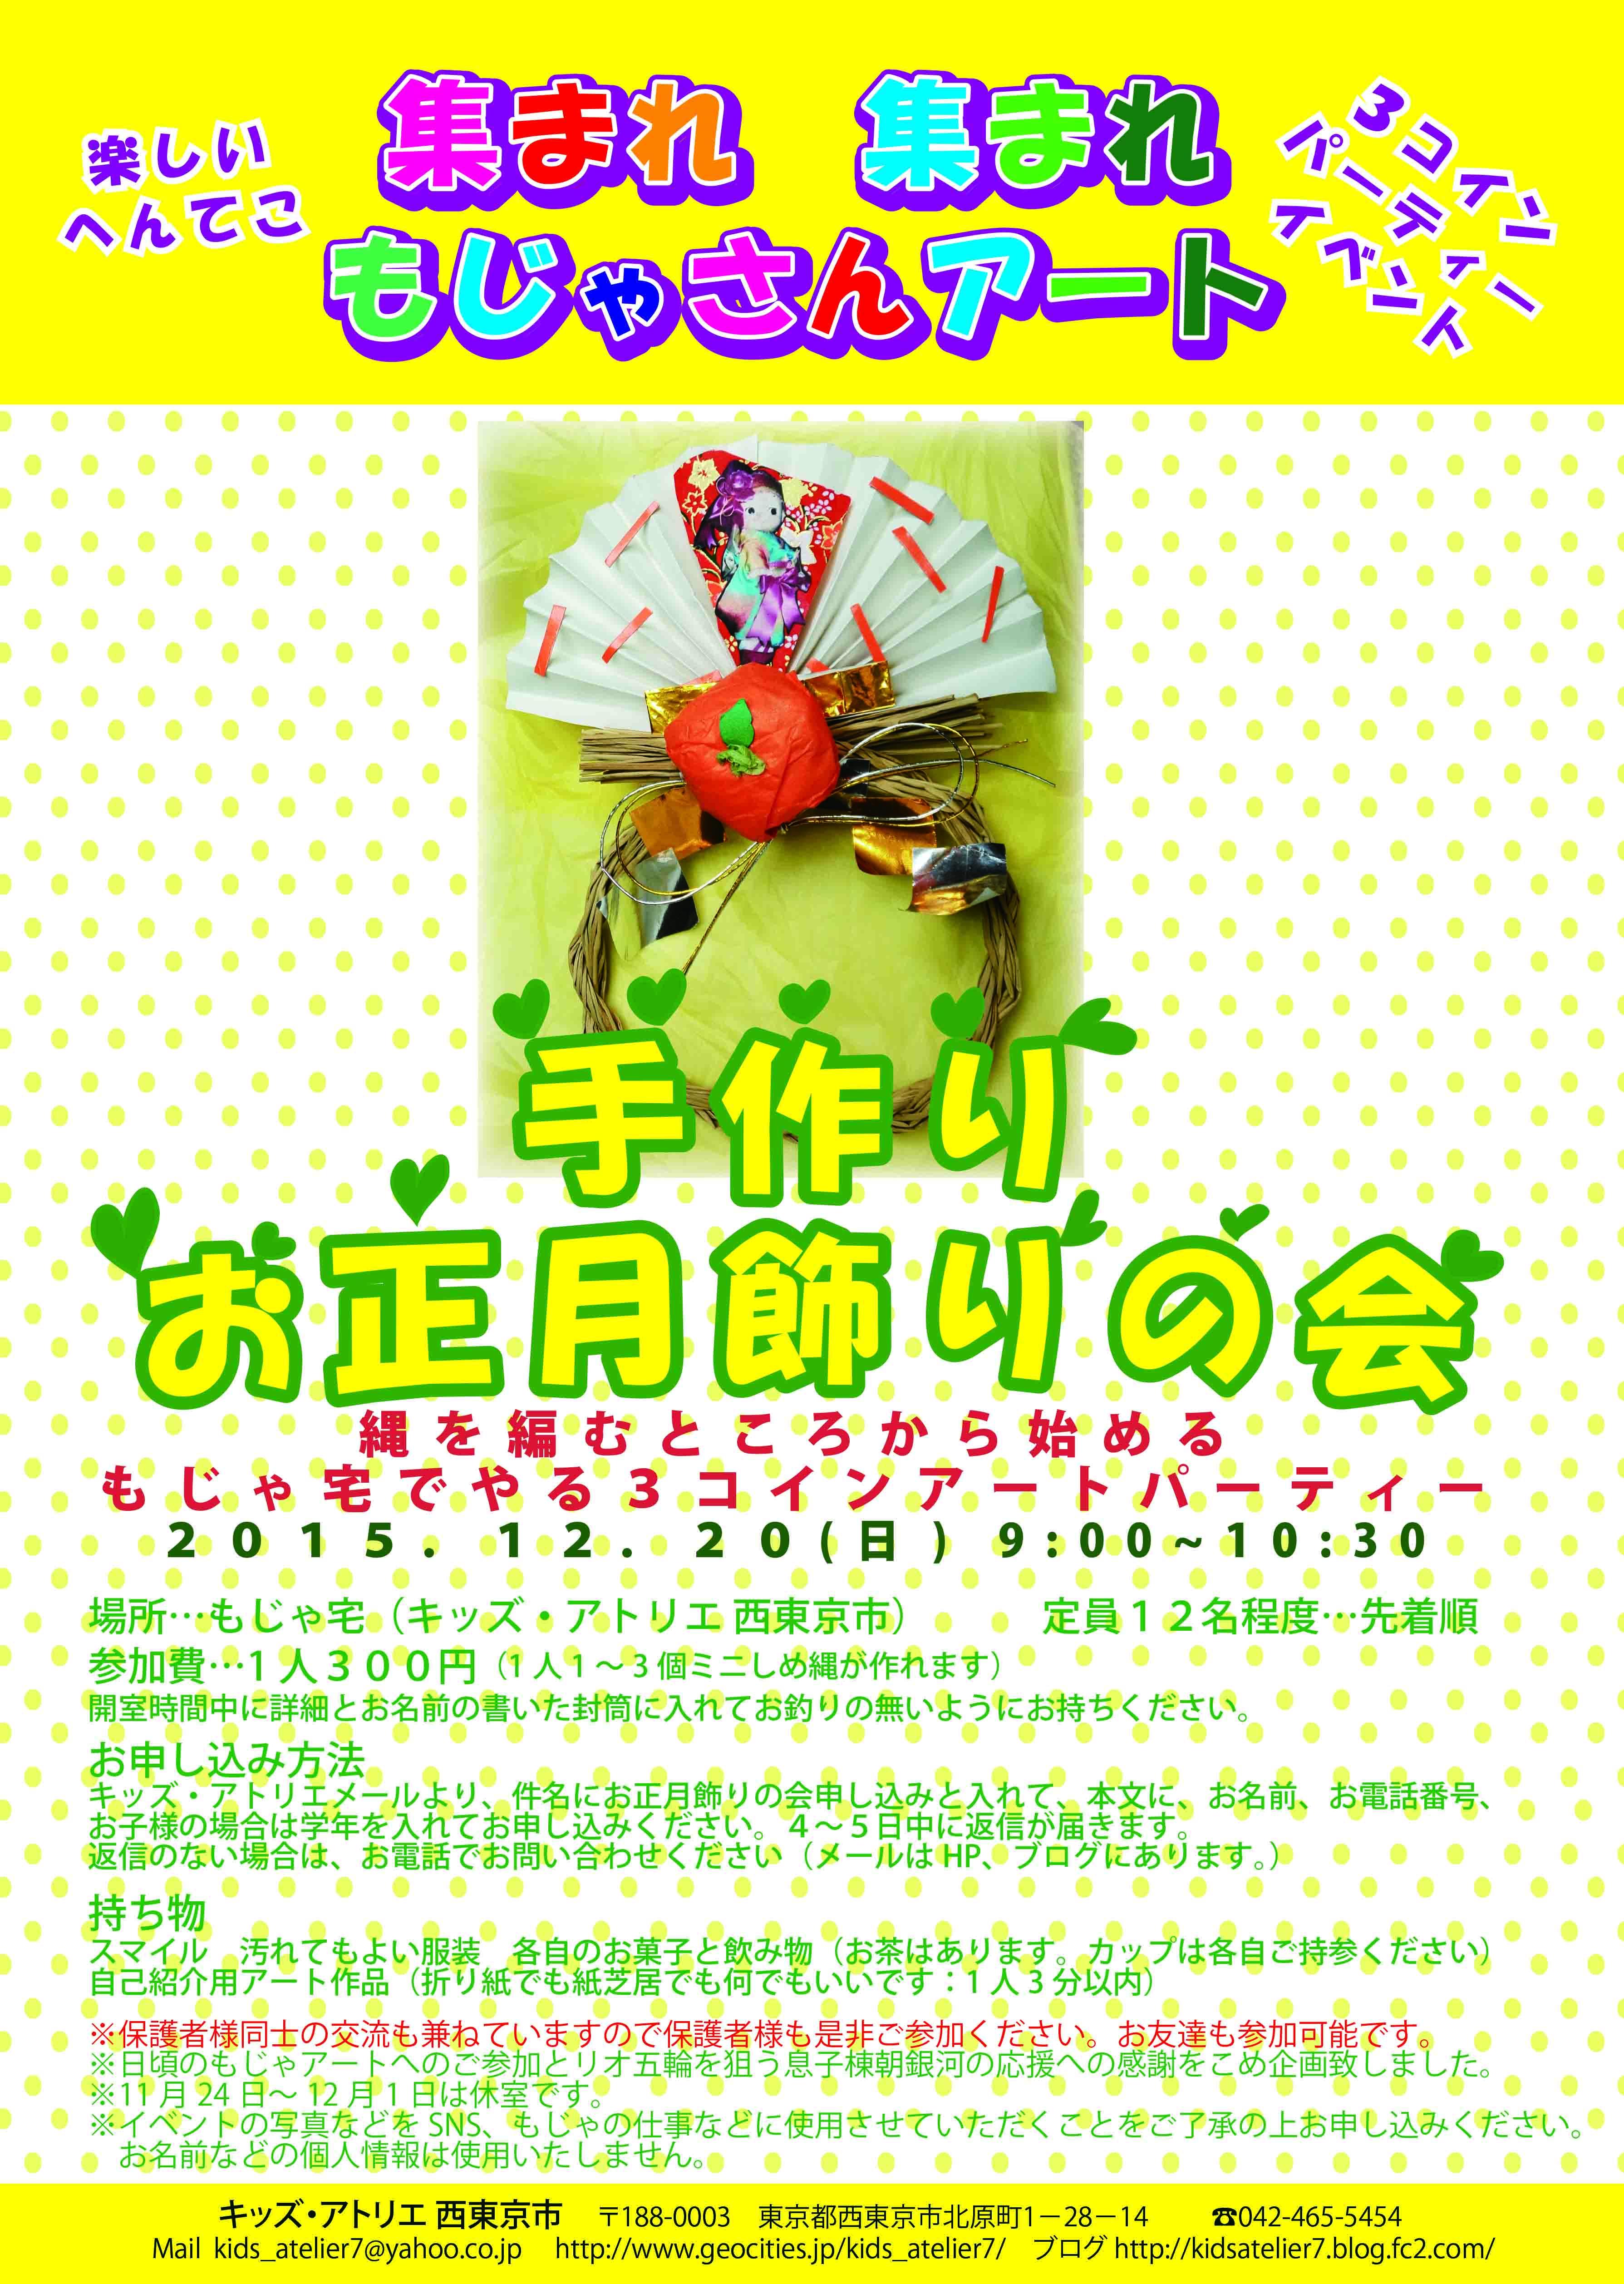 手作りお正月飾り工作 しめ縄 イベント キッズ・アトリエ 西東京市 武蔵野市